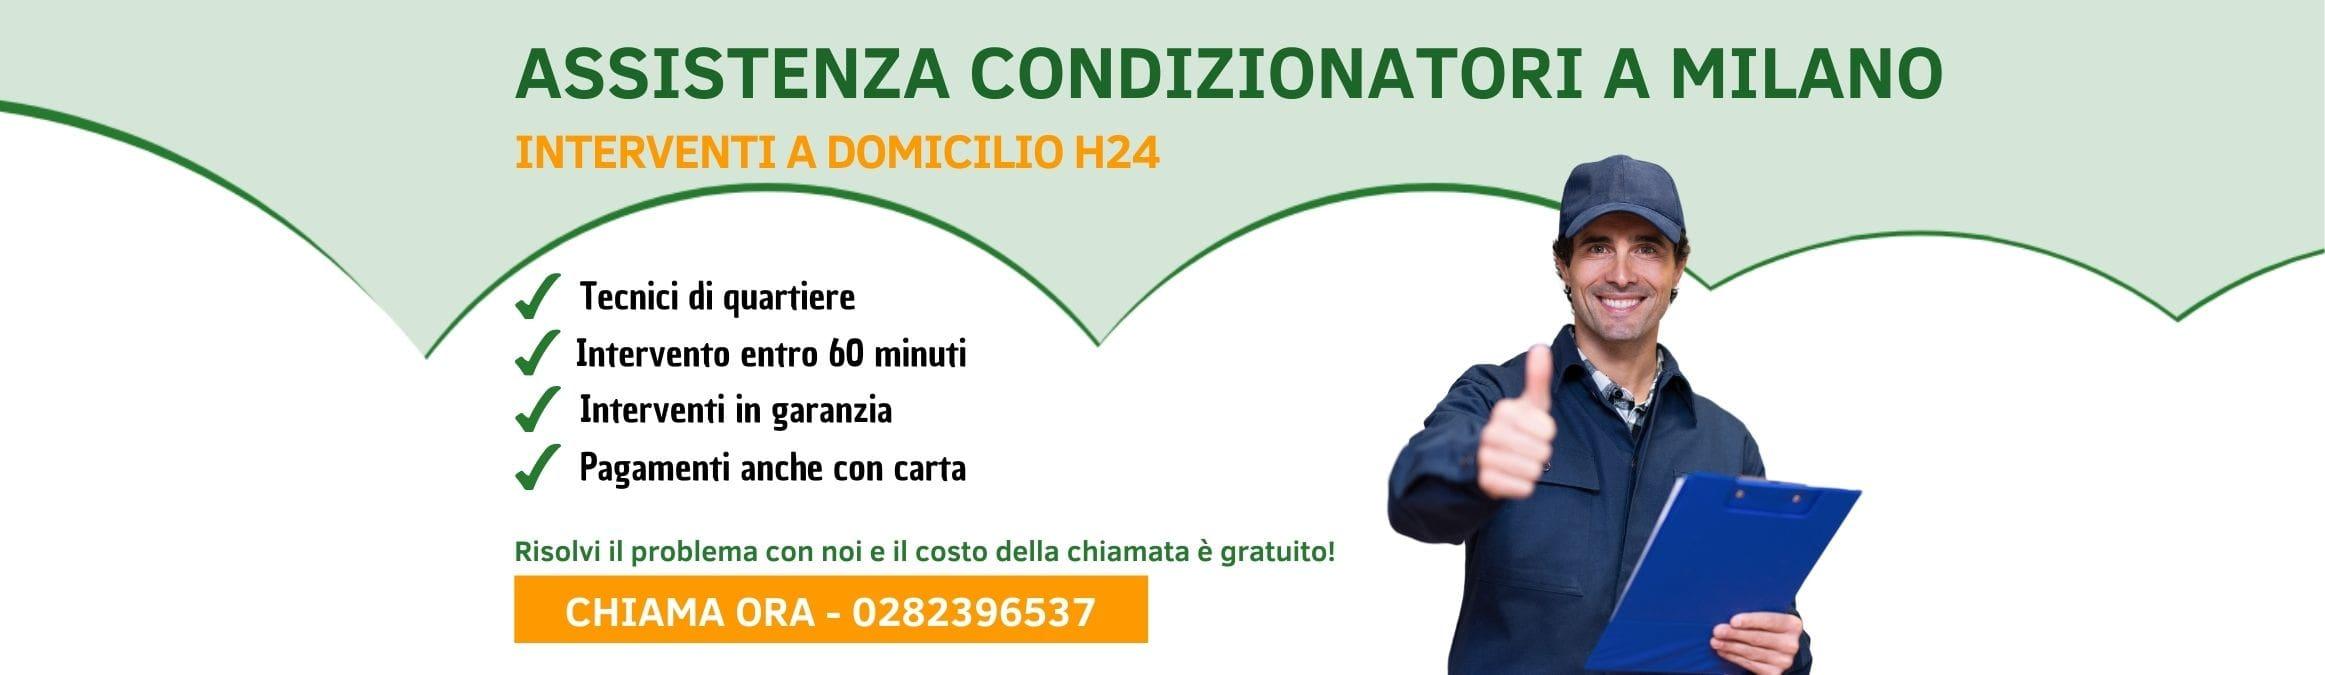 assistenza condizionatori Milano